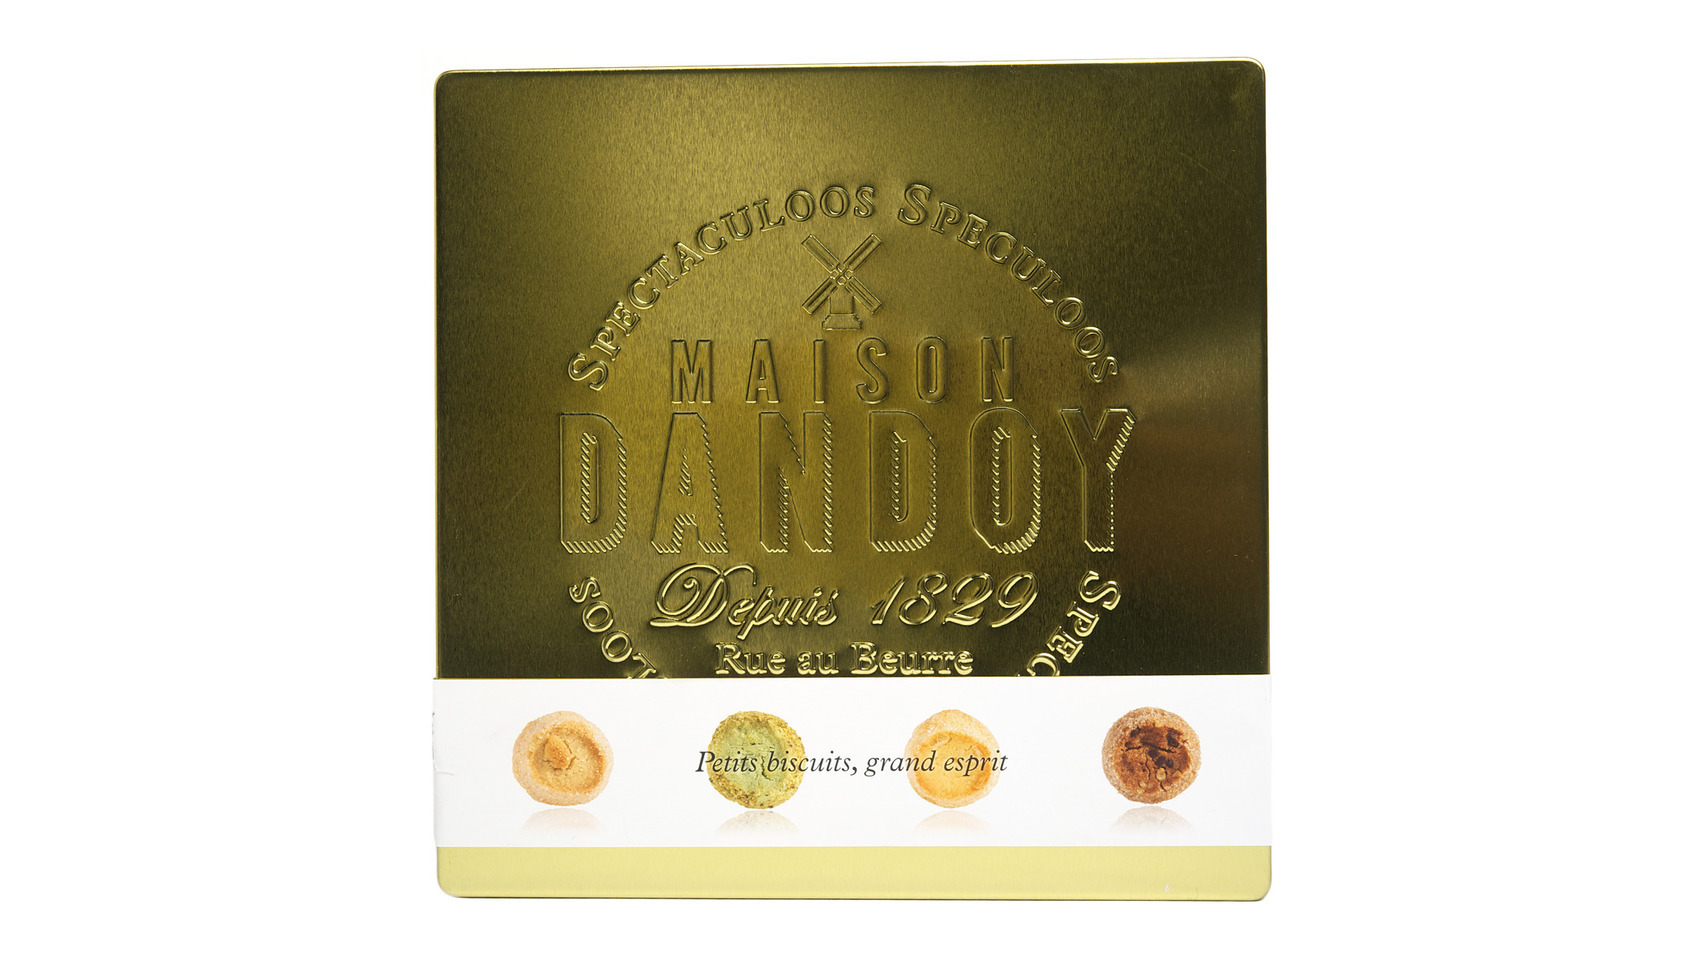 Surtido de galletas Belgas Golden Biscuits de Maison Dandoy.